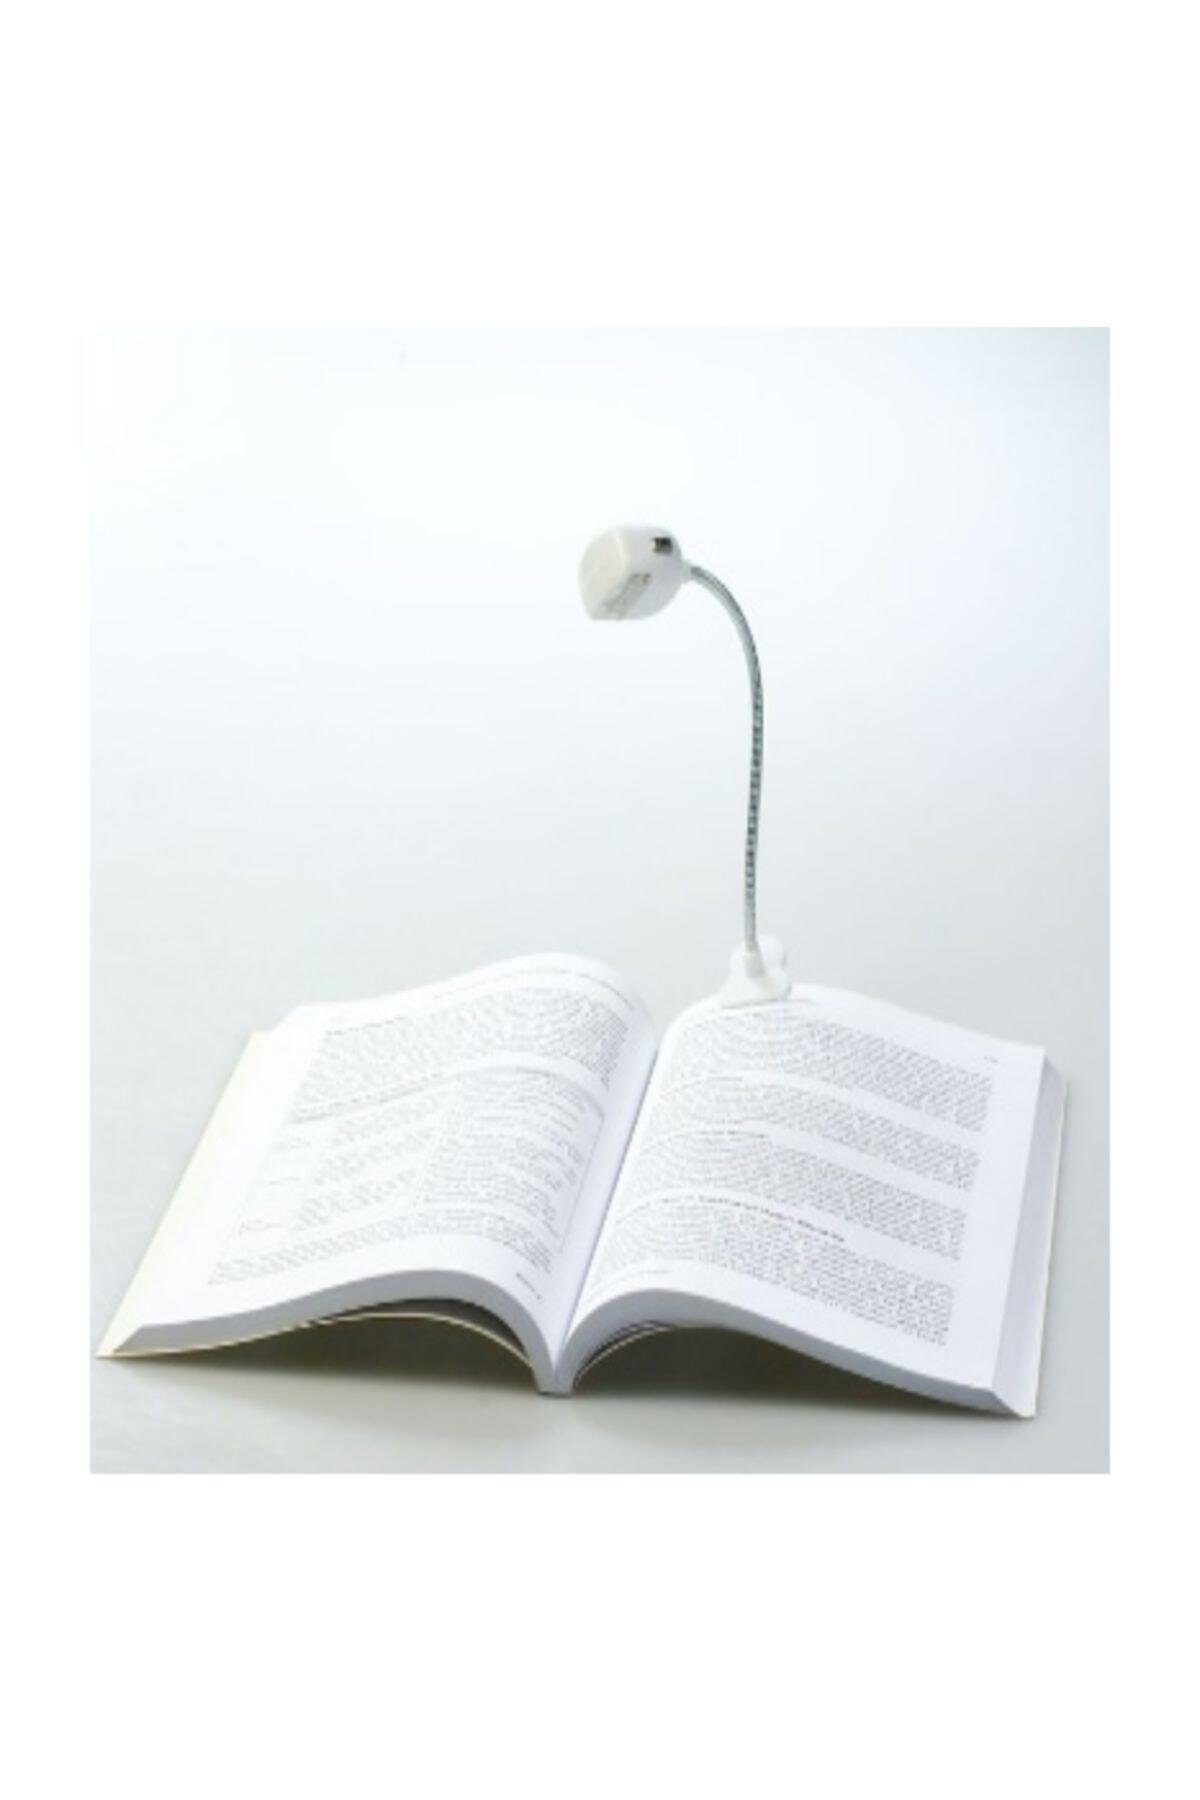 Tina 2 Adet Mandallı Pilli Ledli Gece Yatakta Kitap Okuma Ve Aydınlatma Lambası Işığı Fiyatı Yorumları Trendyol